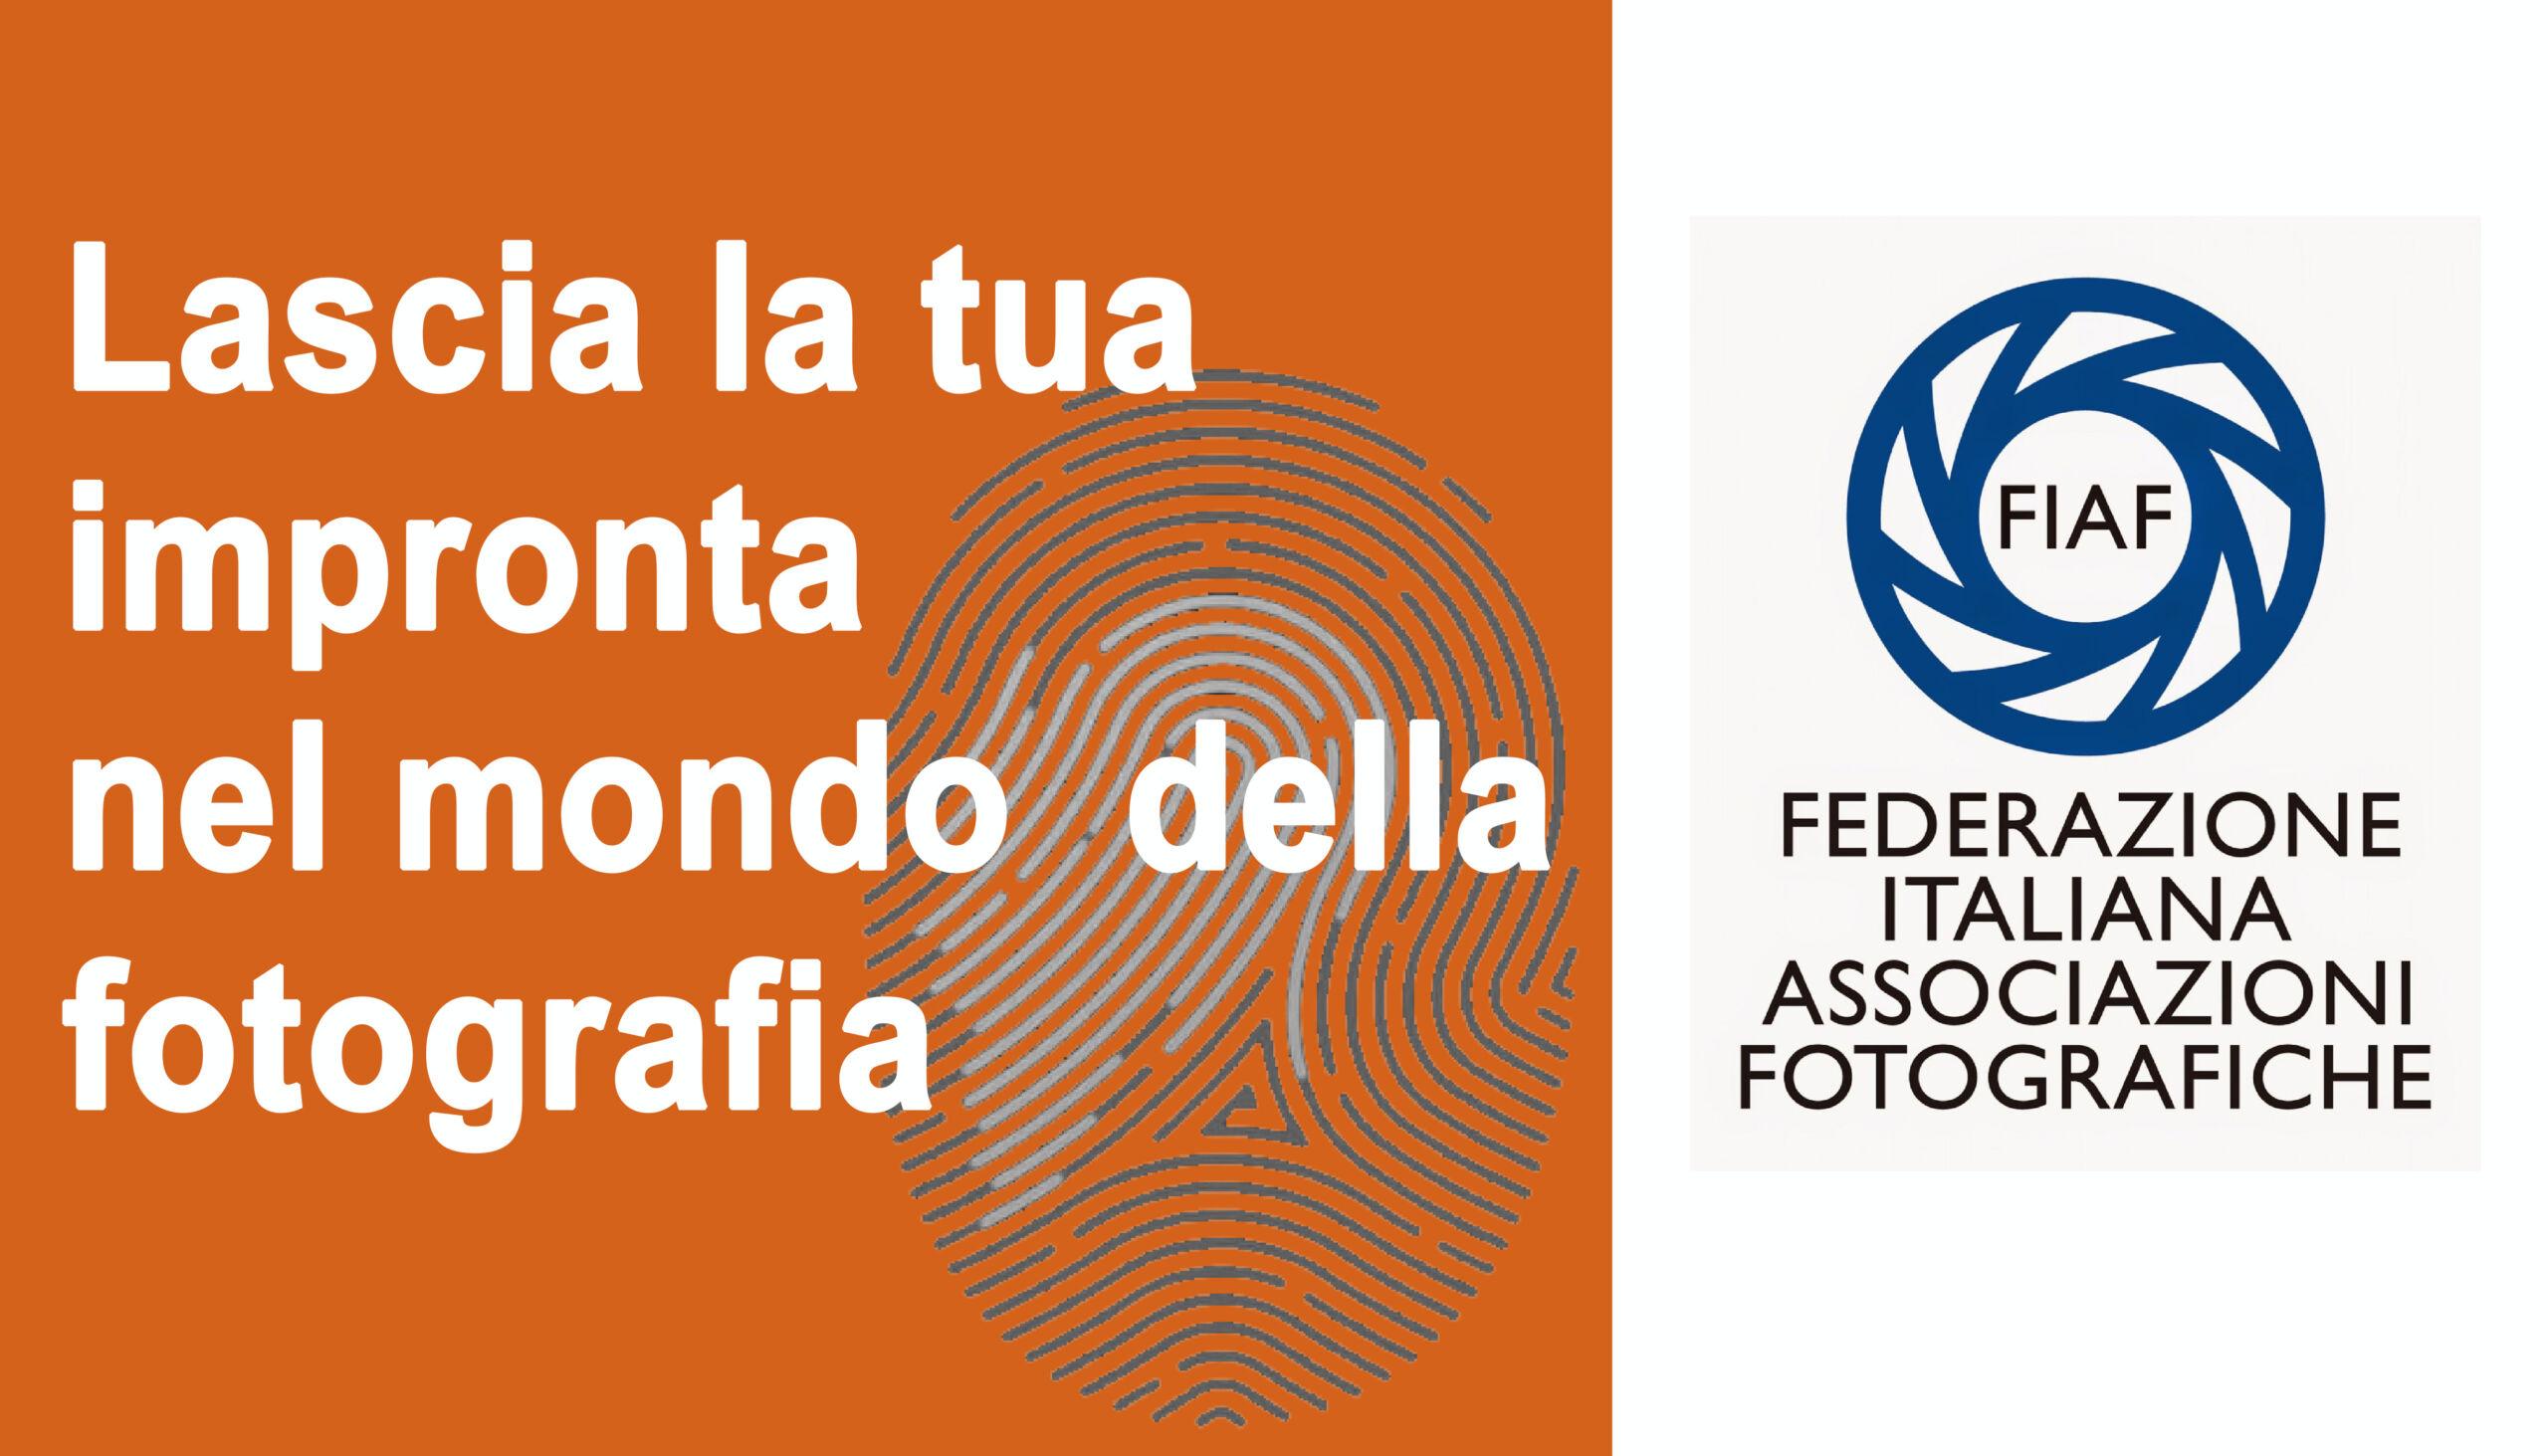 Benemerito della Fotografia Italiana al fotoclub effeunopuntouno